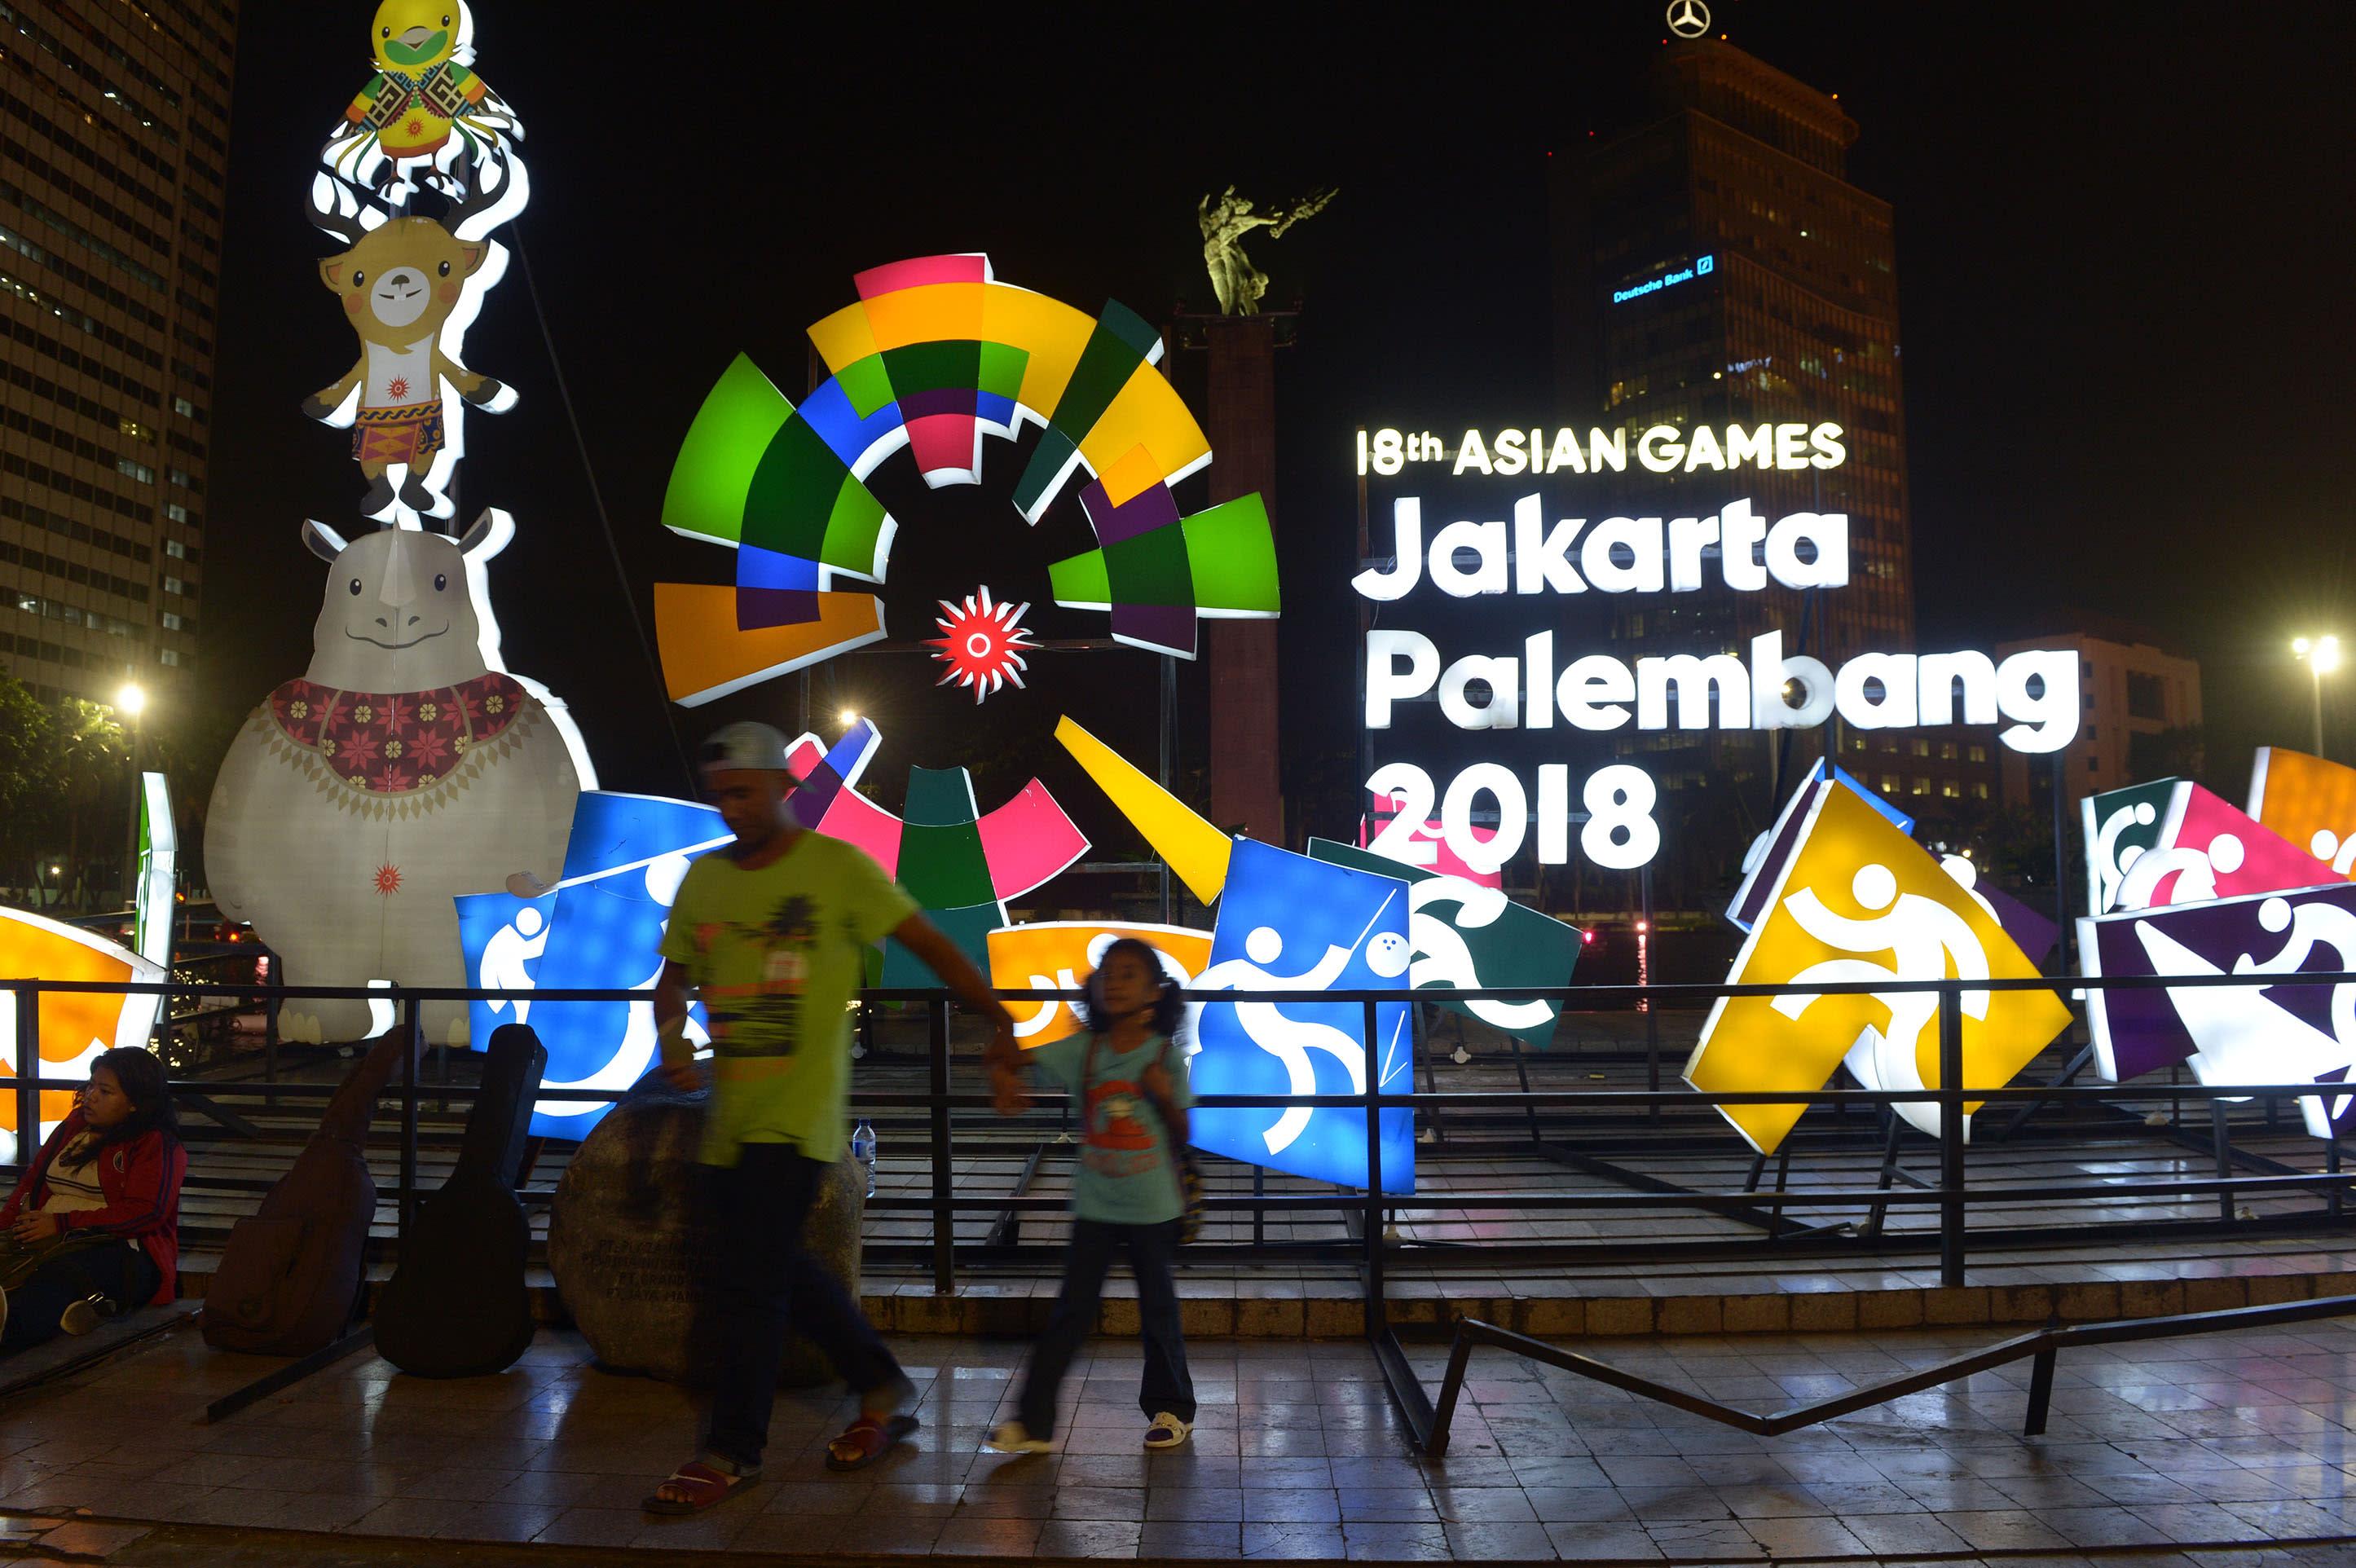 Jakarta Palembang 2020 Asian Games Recent Results.Koreas To Form Joint Teams At Asian Games